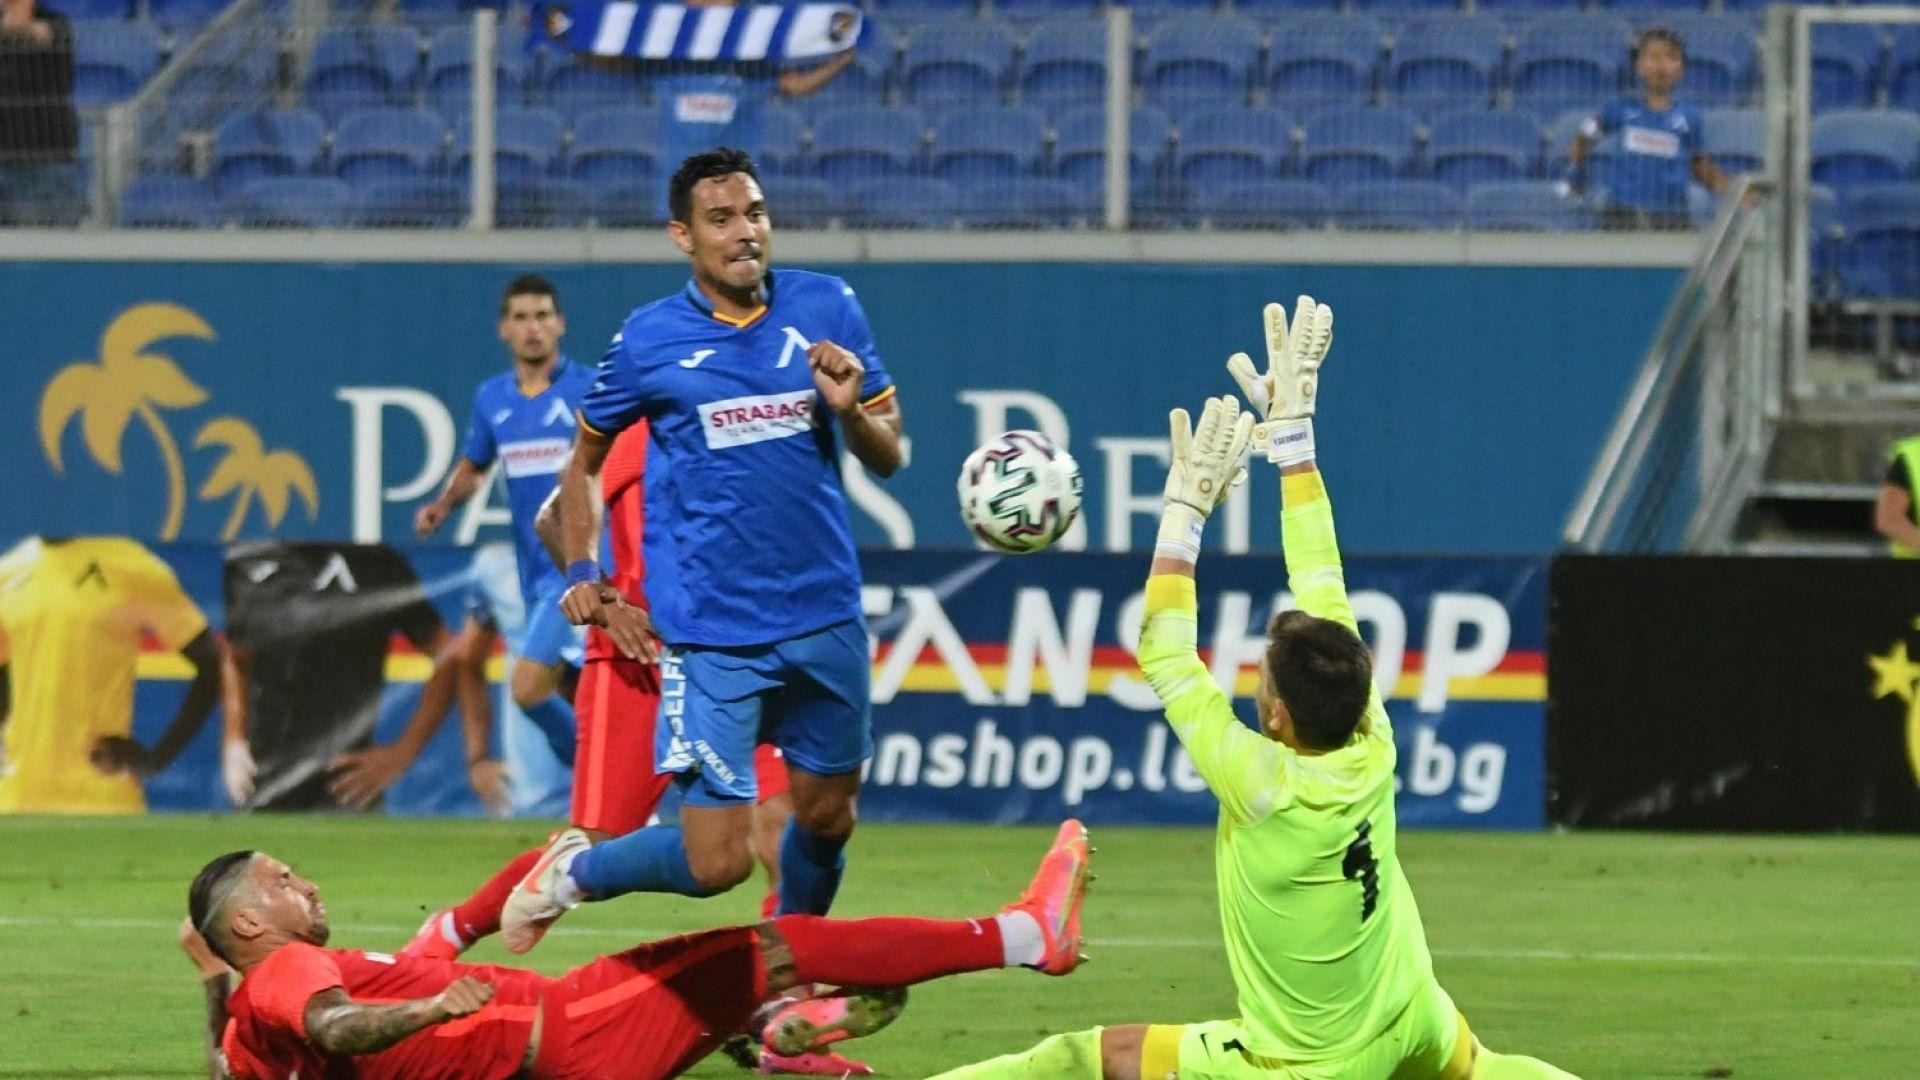 """Играч на """"Левски"""" загубил съзнание на терена за няколко секунди"""